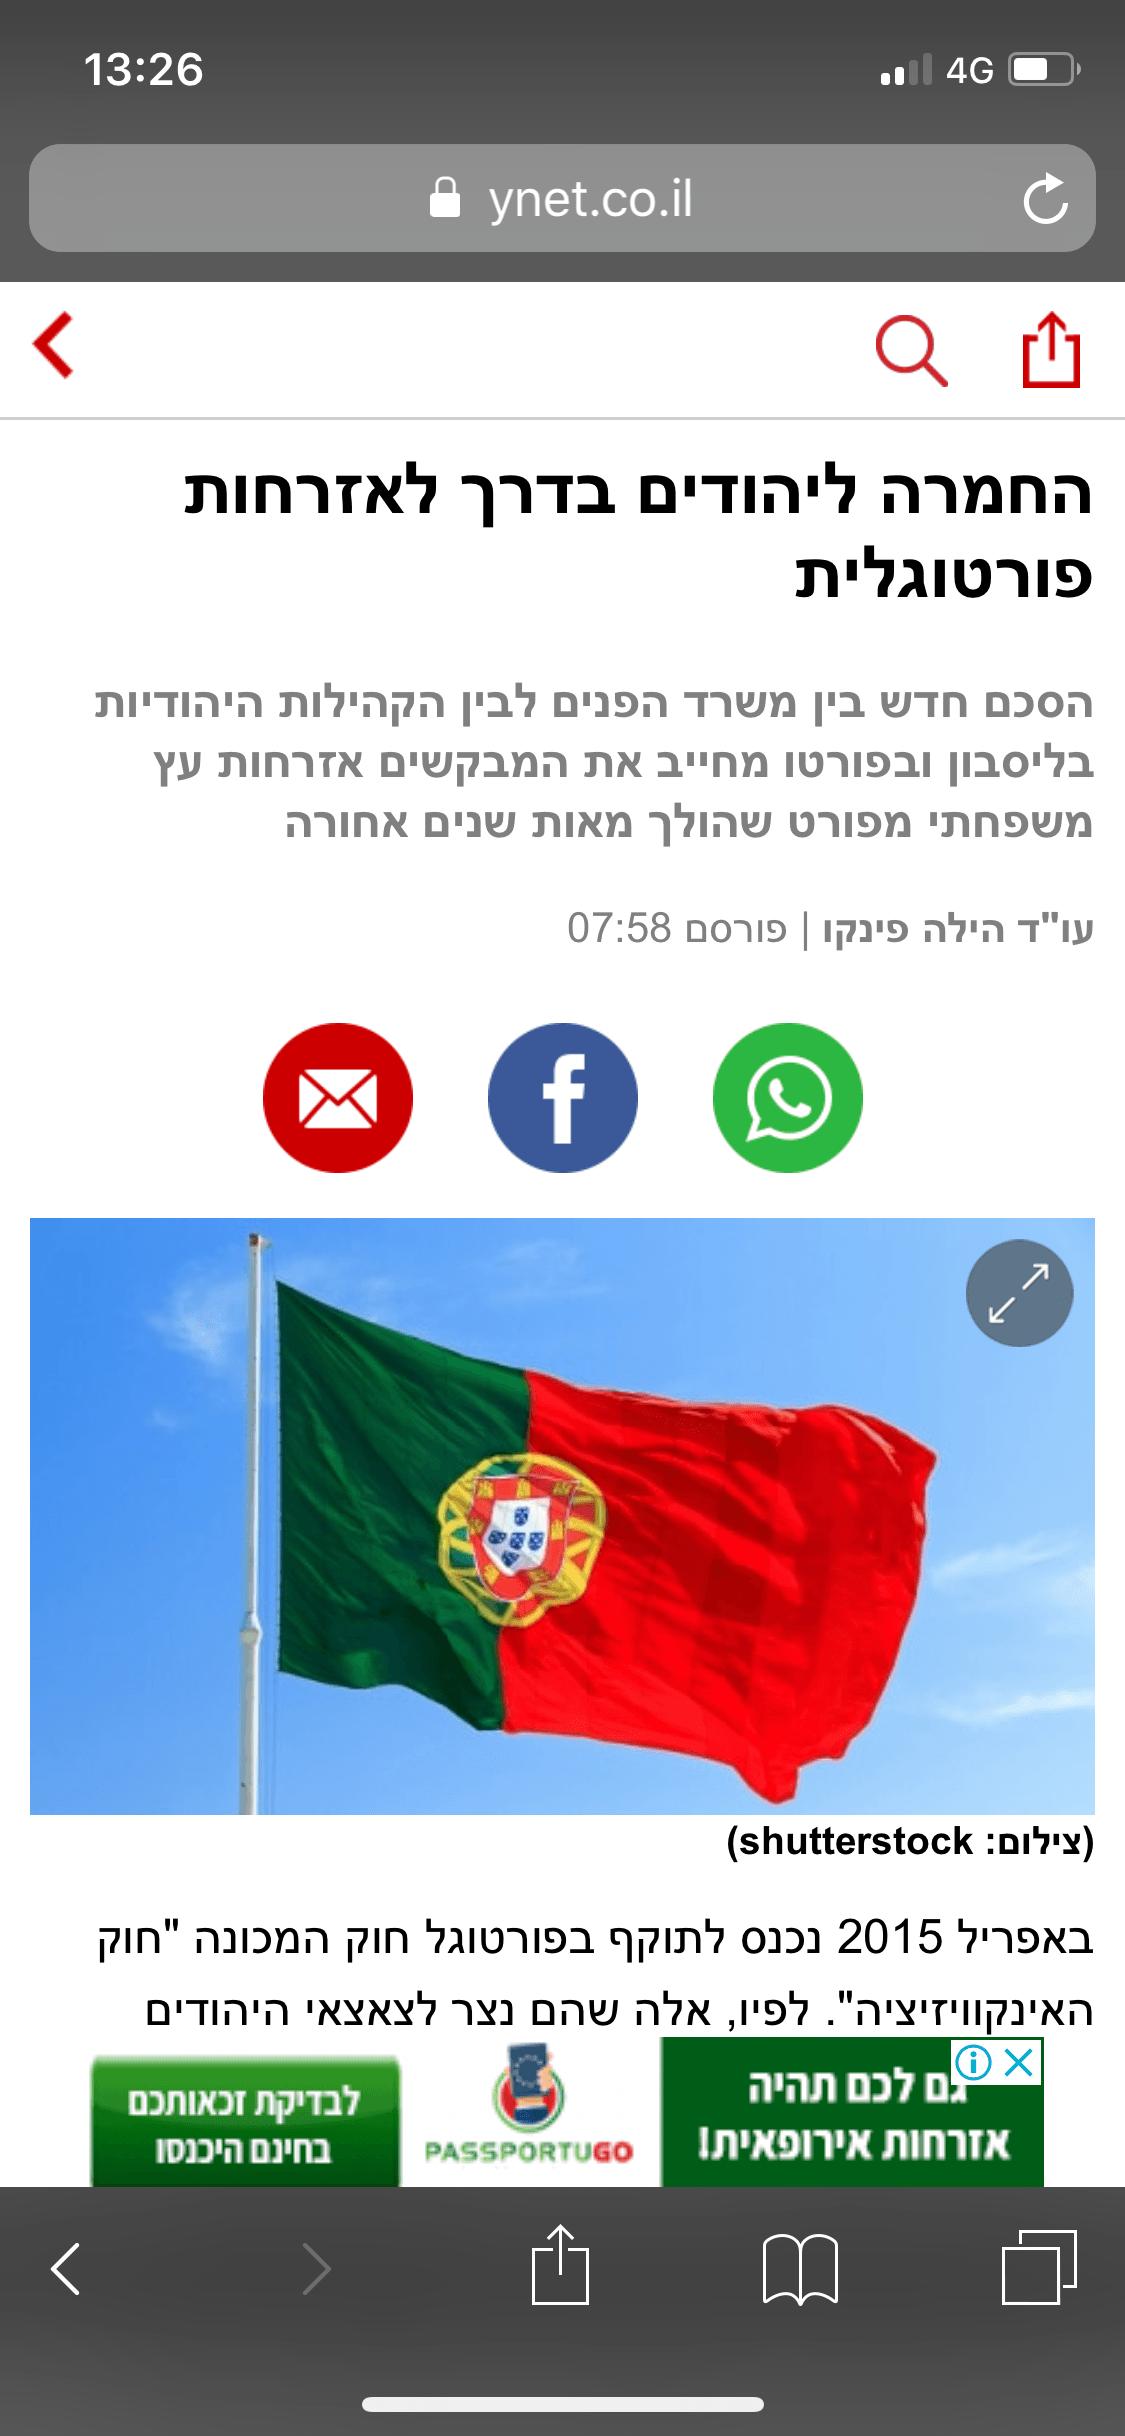 החמרה דרכון פורטוגלי - כתבה ynet